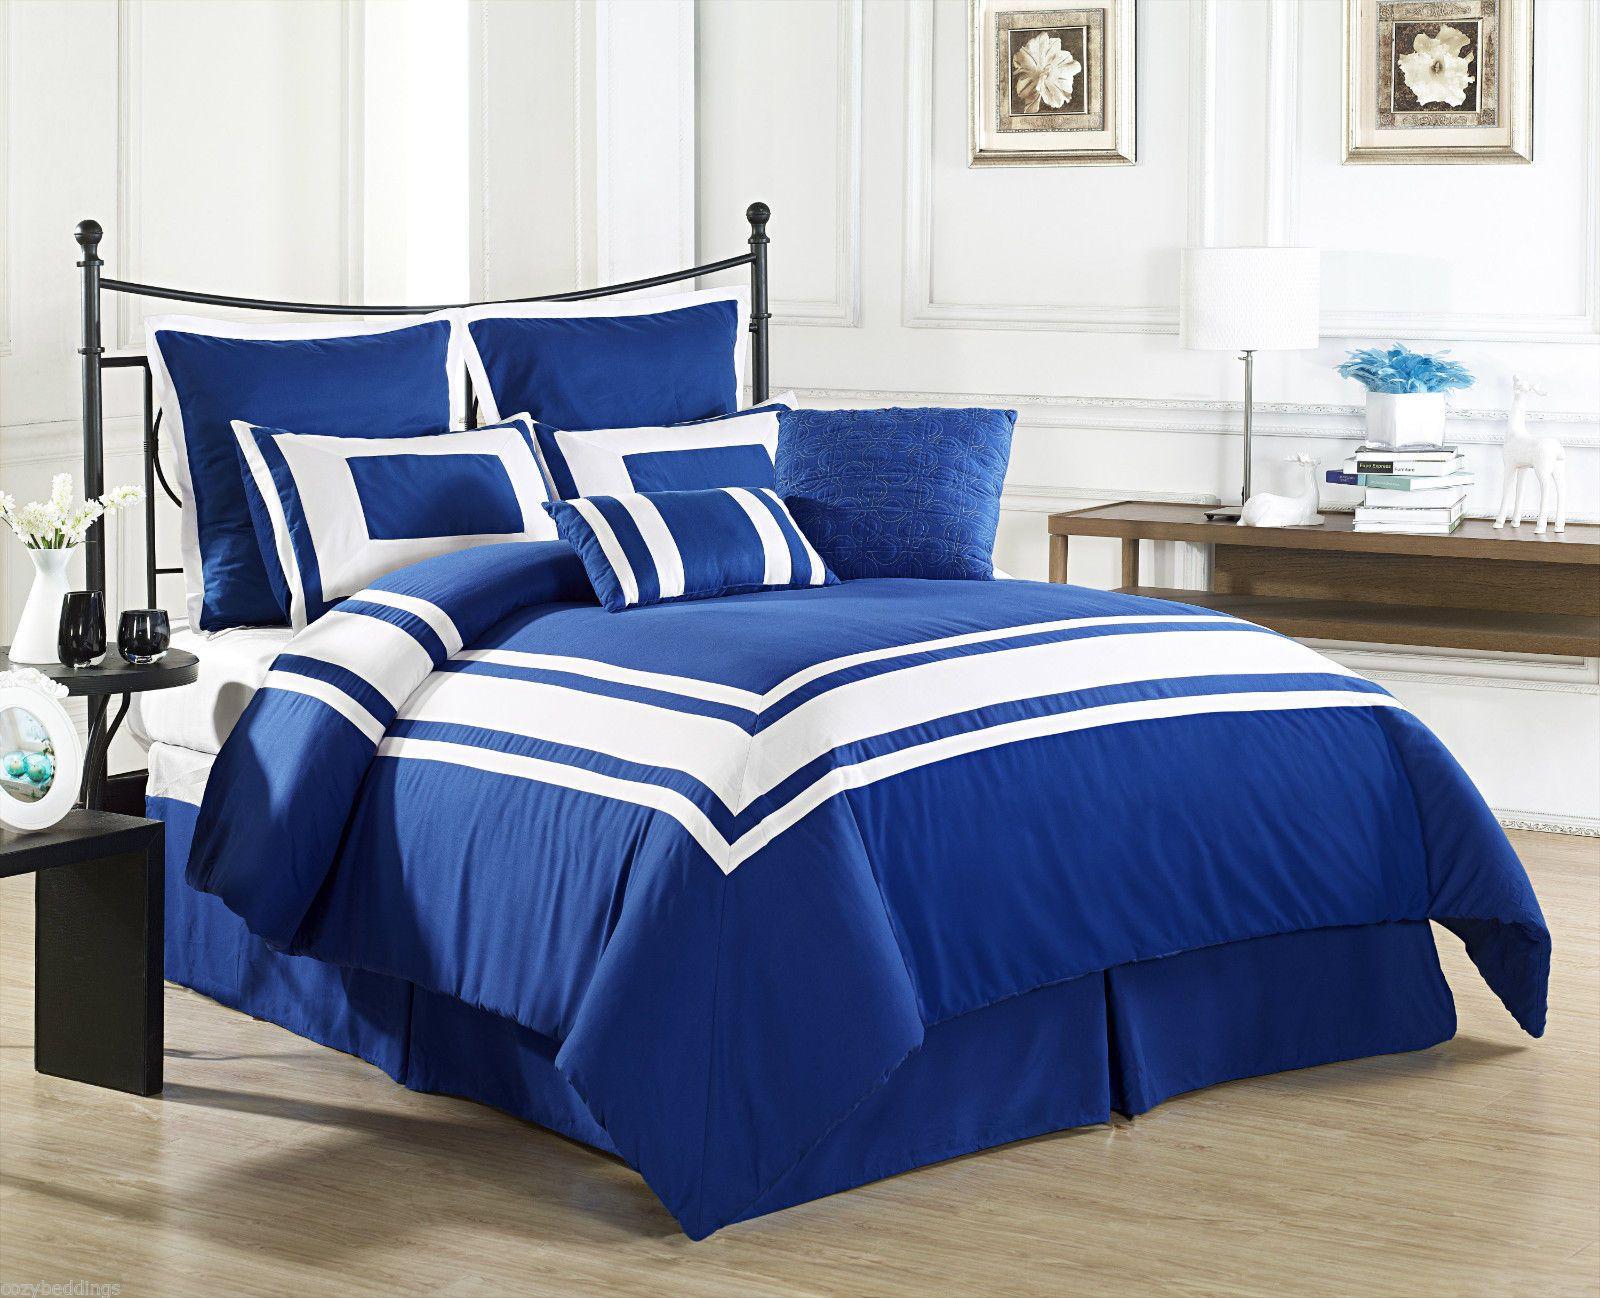 queen size bed 8 piece comforter set